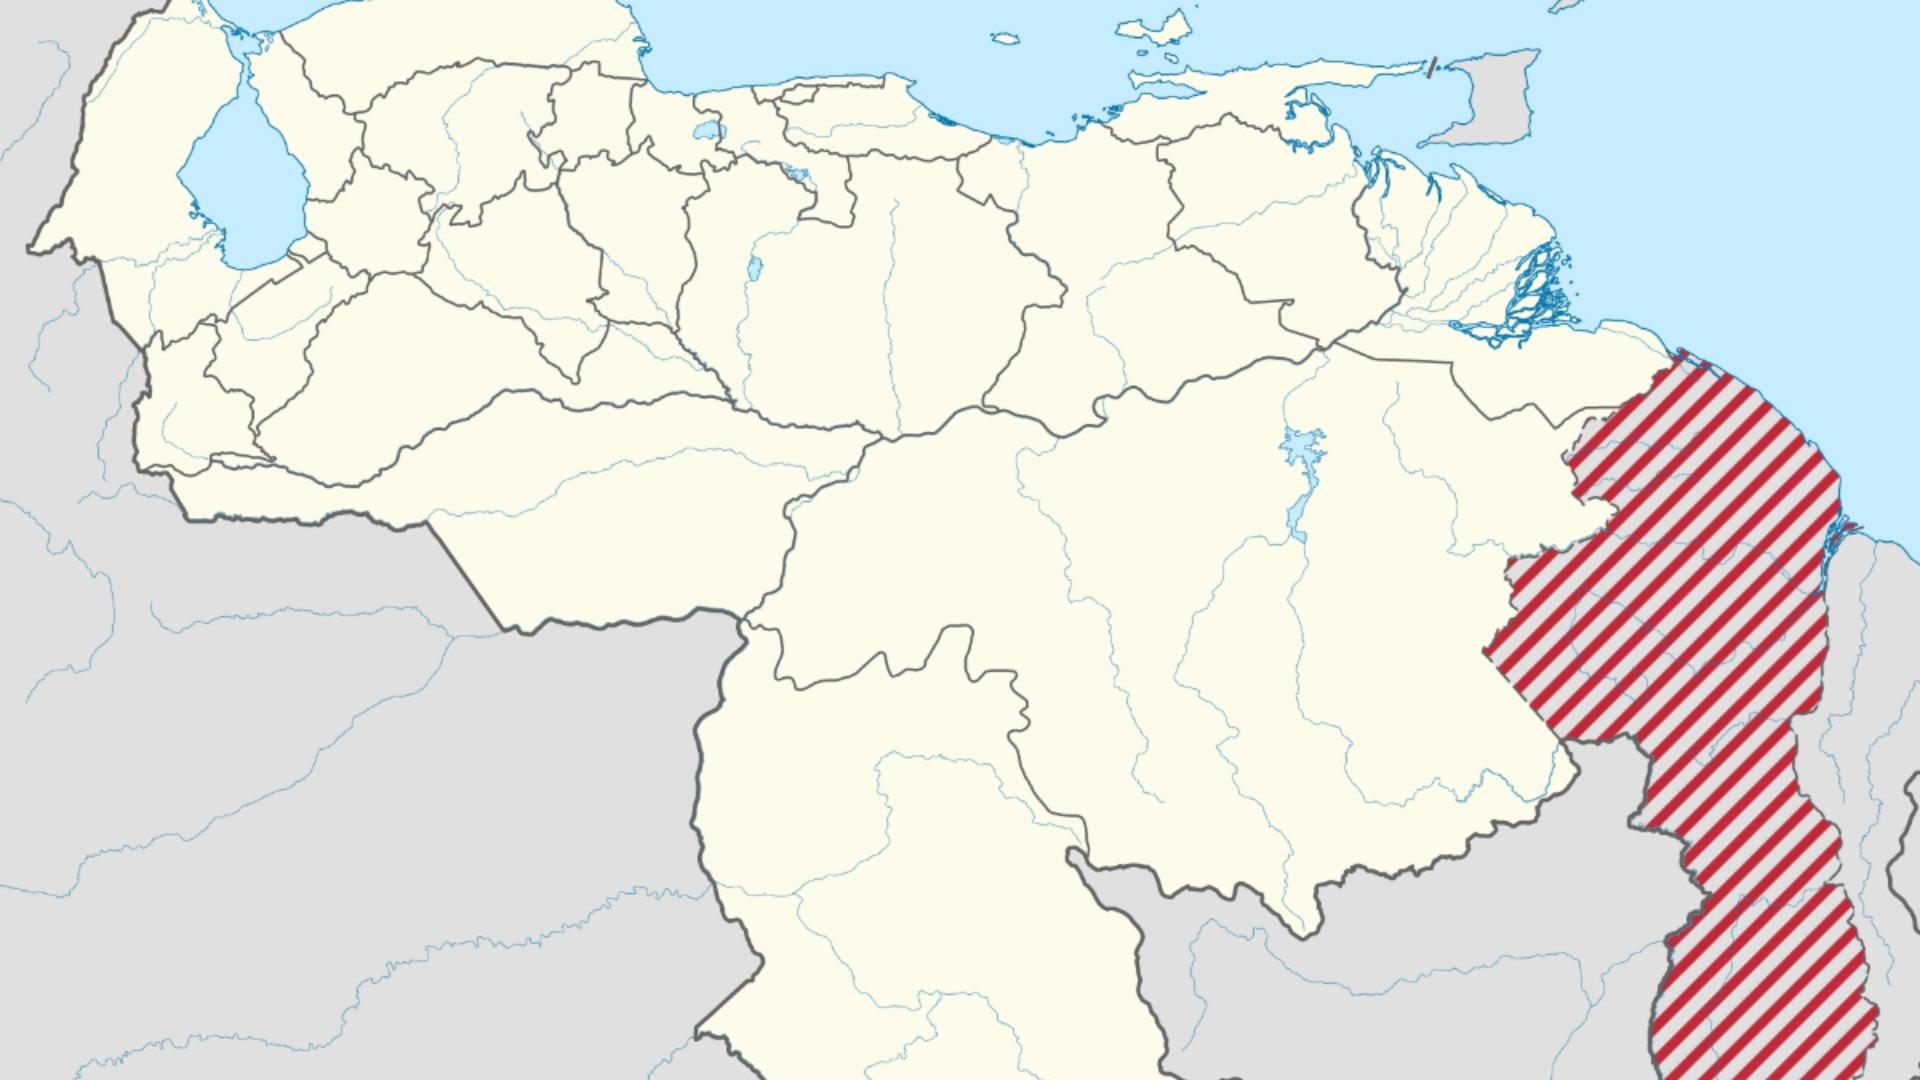 CIJ aplaza el juicio entre Venezuela y Guyana por el Esequibo